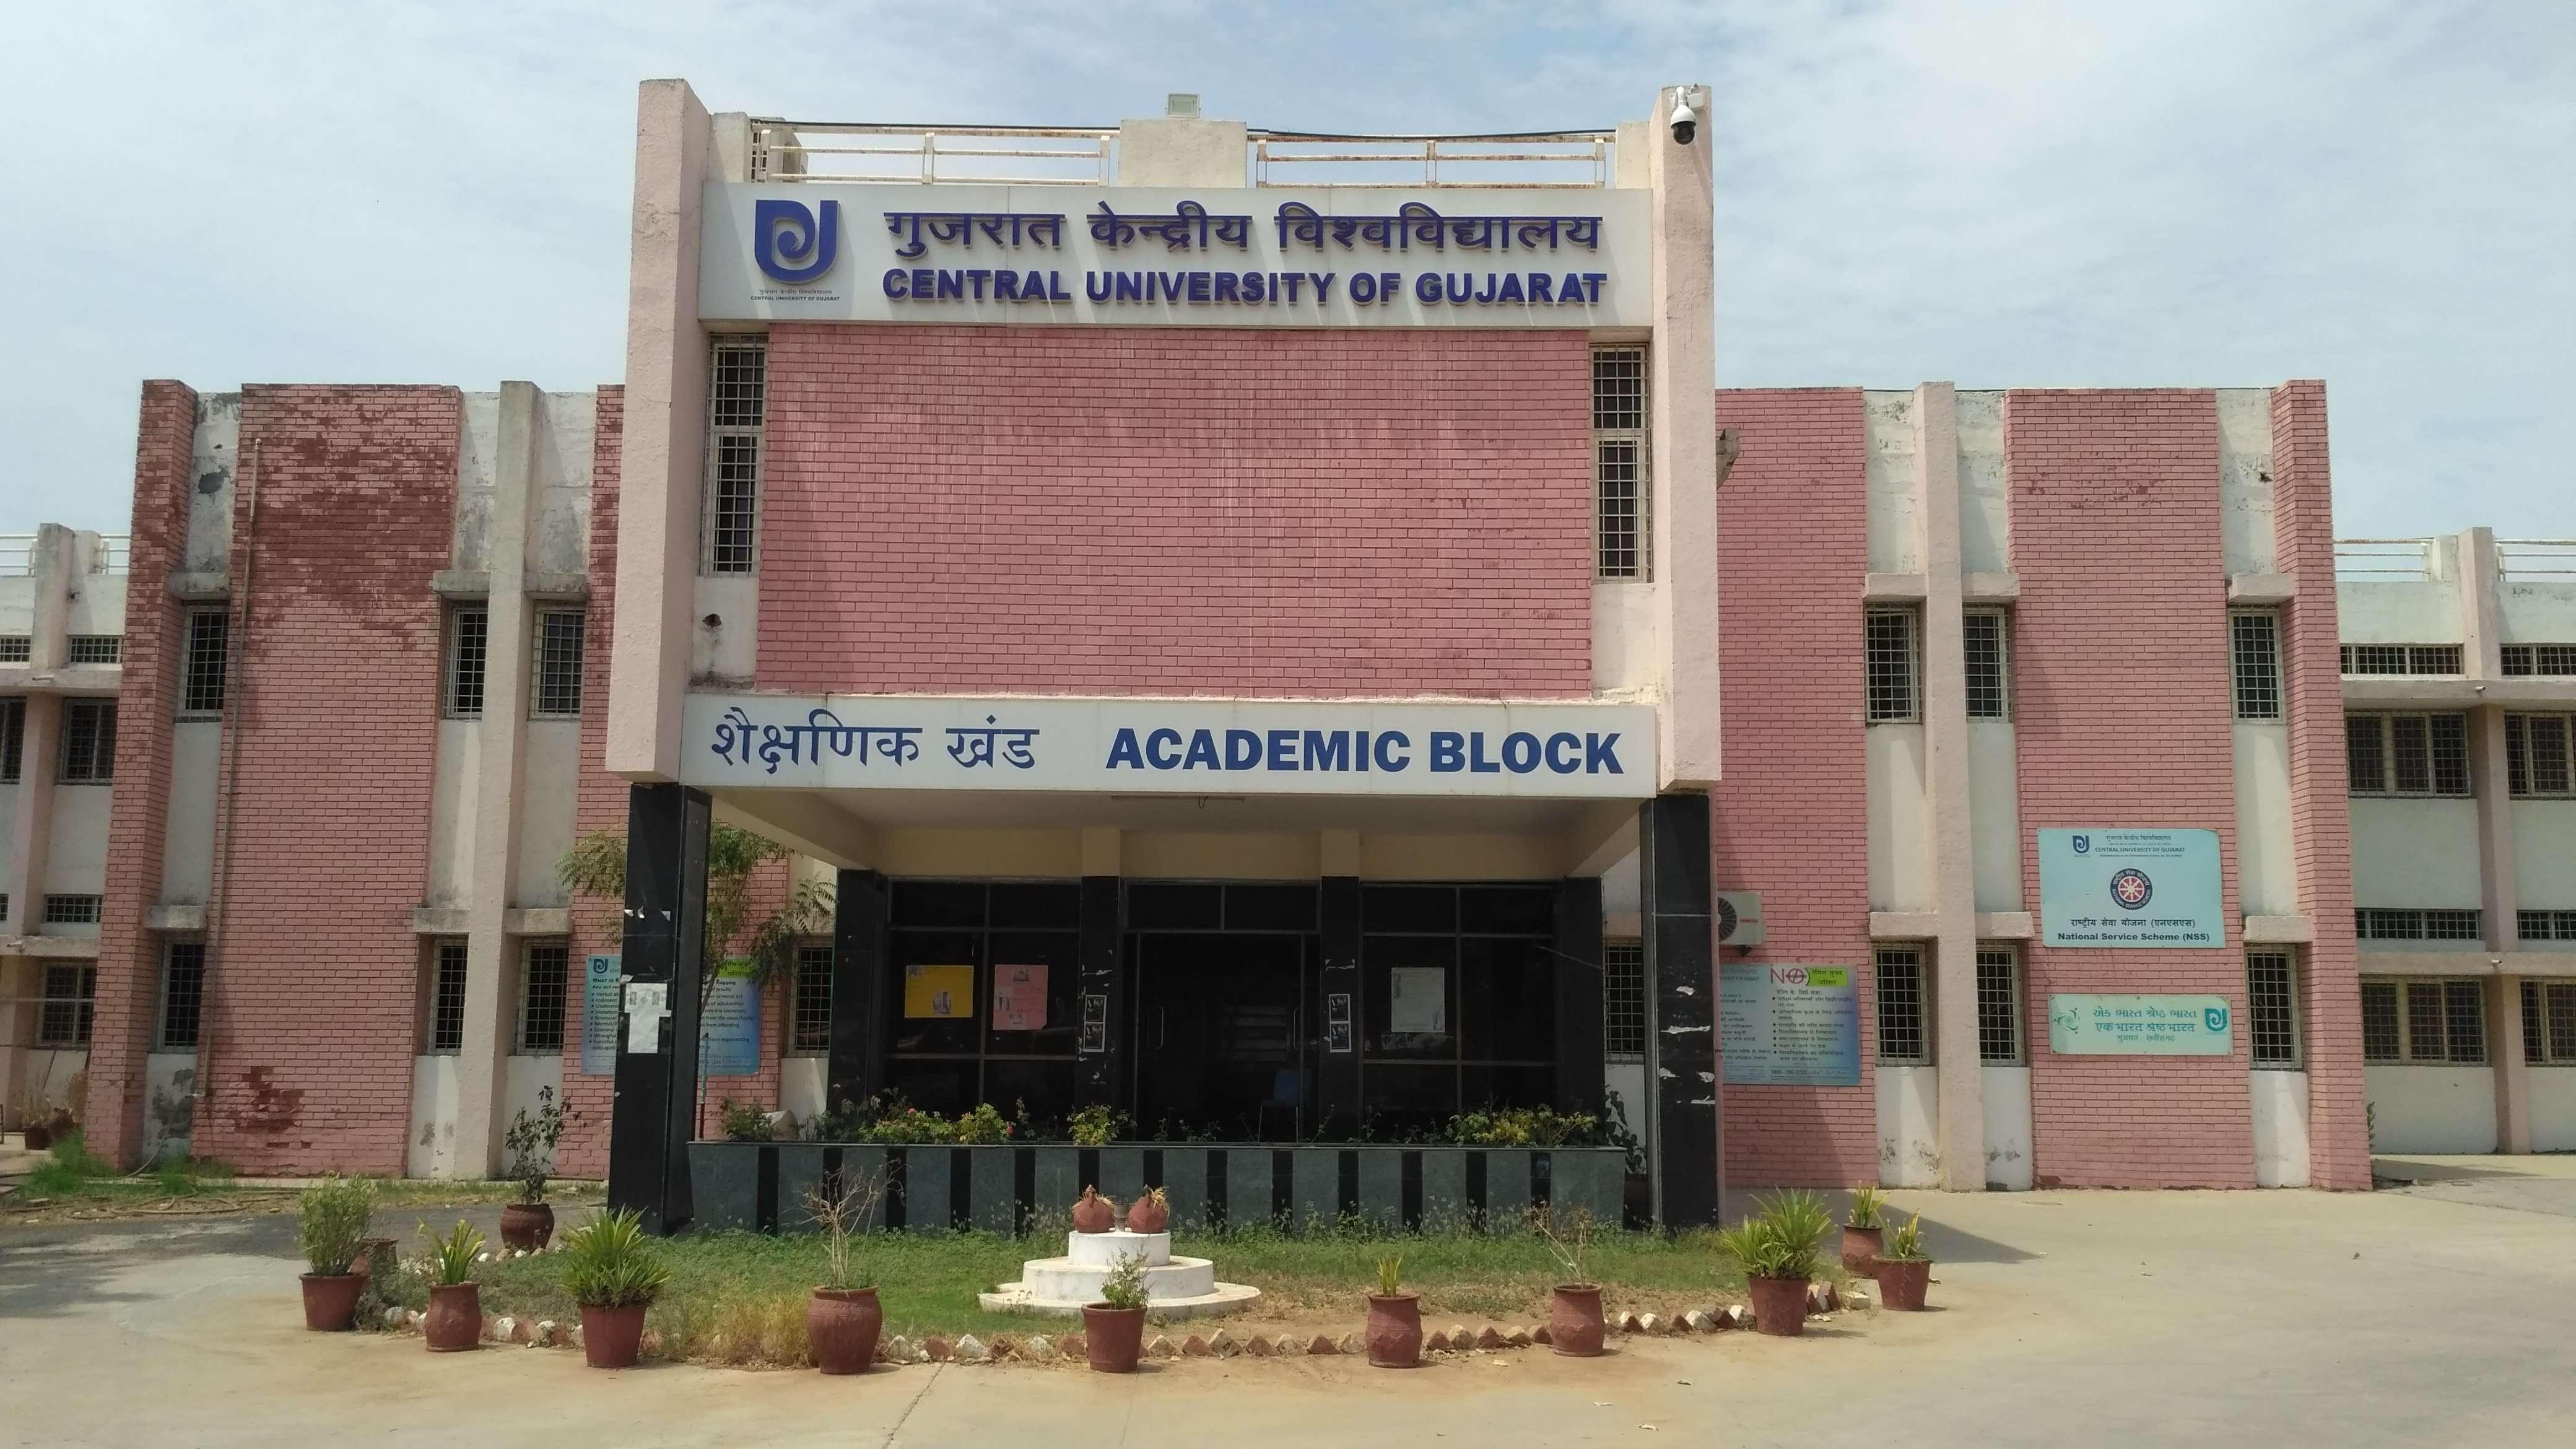 Ahmedabad News सीयूजी में इनोवेशन के साथ शोध, रोजगार परक शिक्षा प्राथमिकता: कुलपति प्रो.दुबे